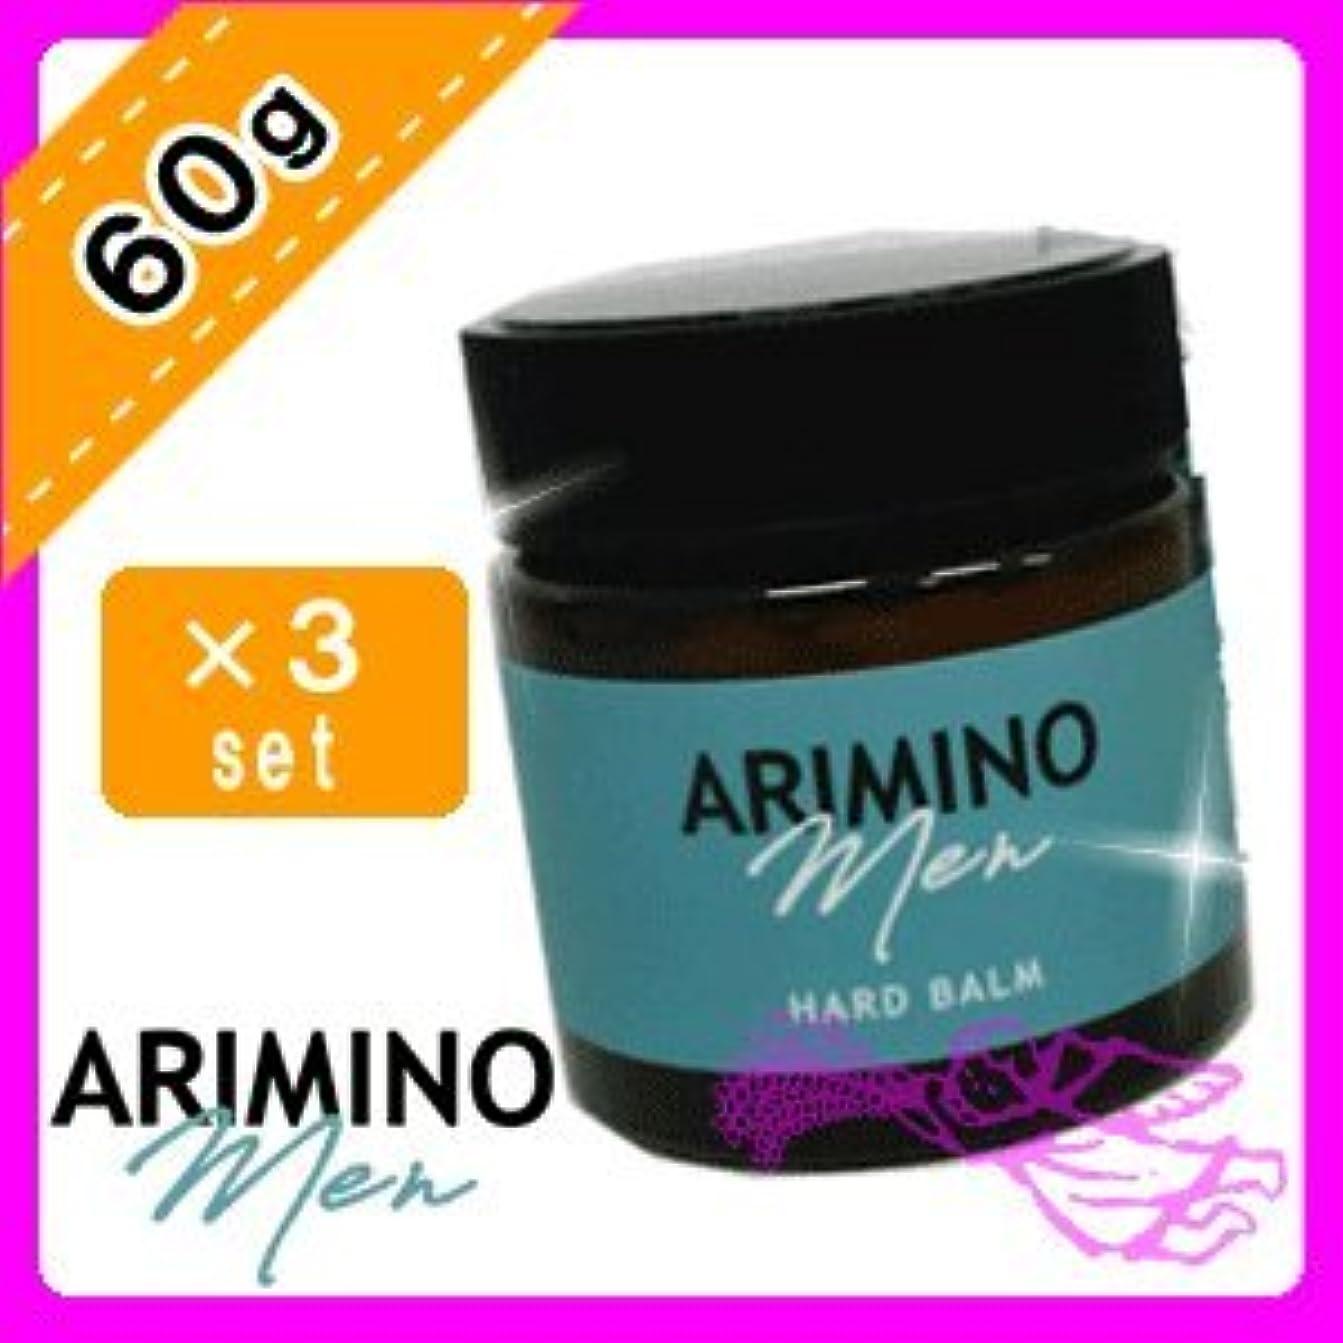 パイル小競り合いローブアリミノ メン ハード バーム 60g ×3個 セット arimino men